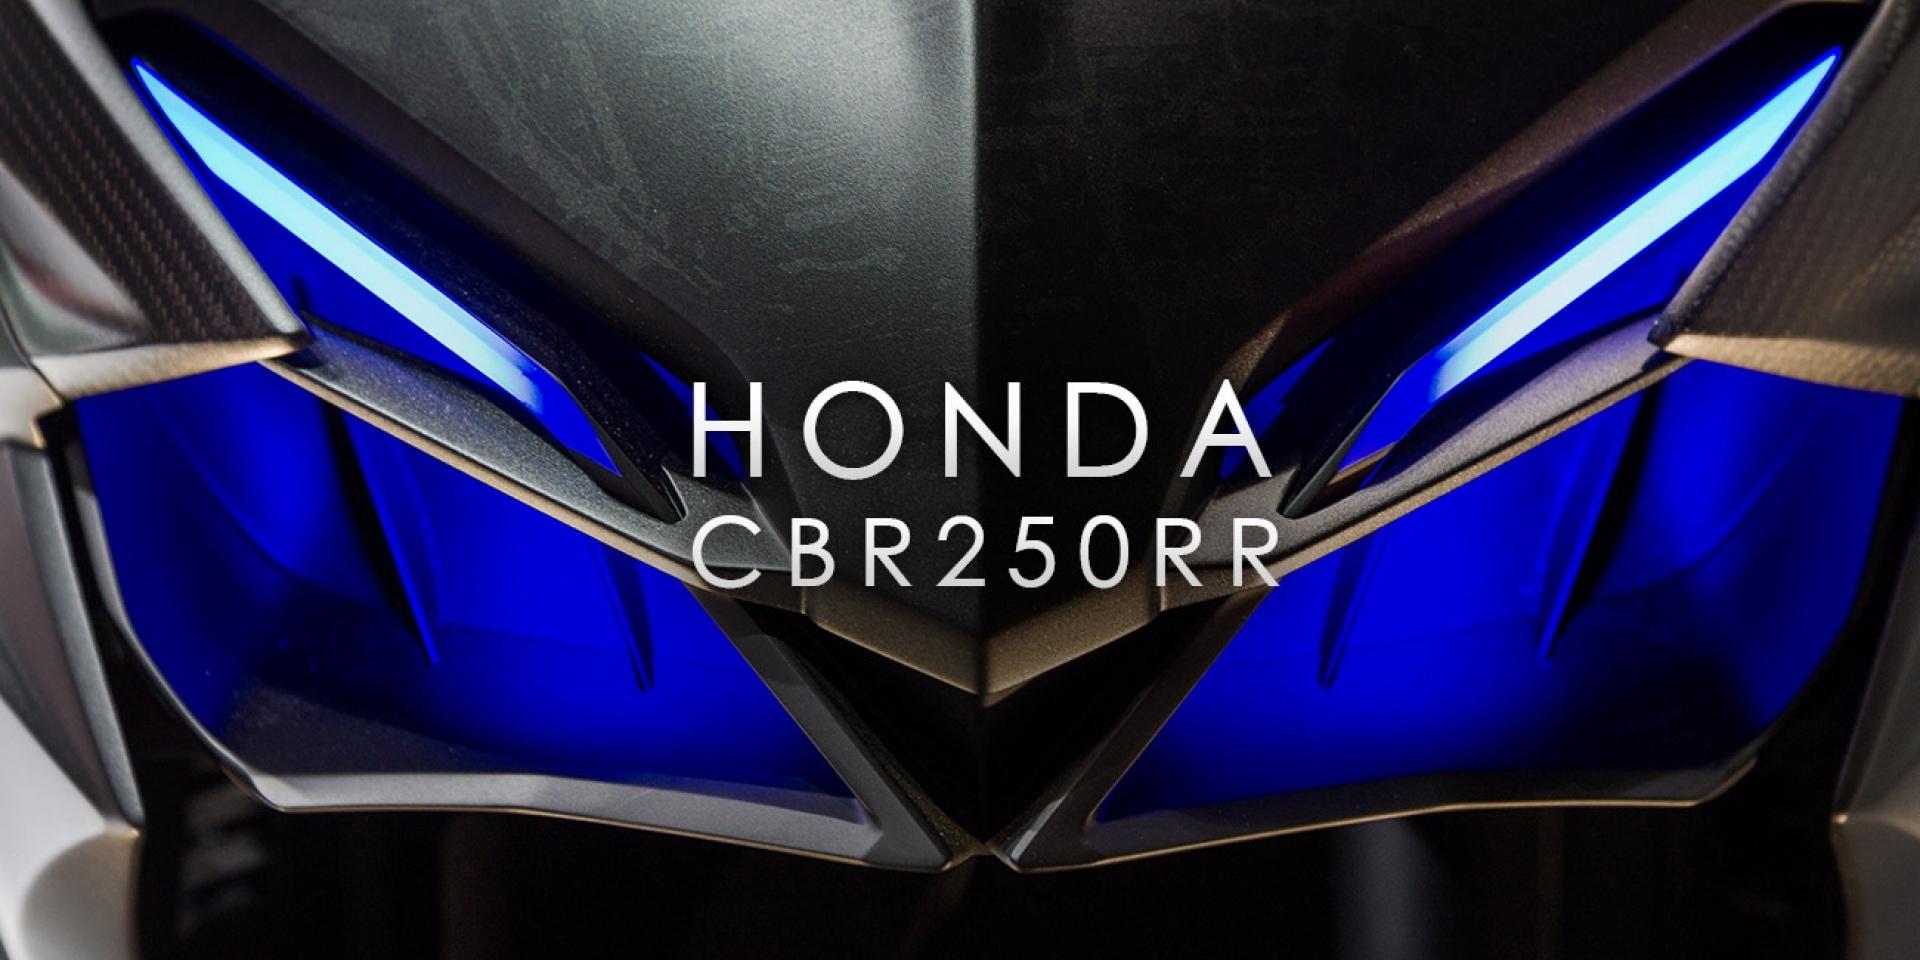 東京車展 HONDA  CBR250RR (Light Weight Sport)熱血登場